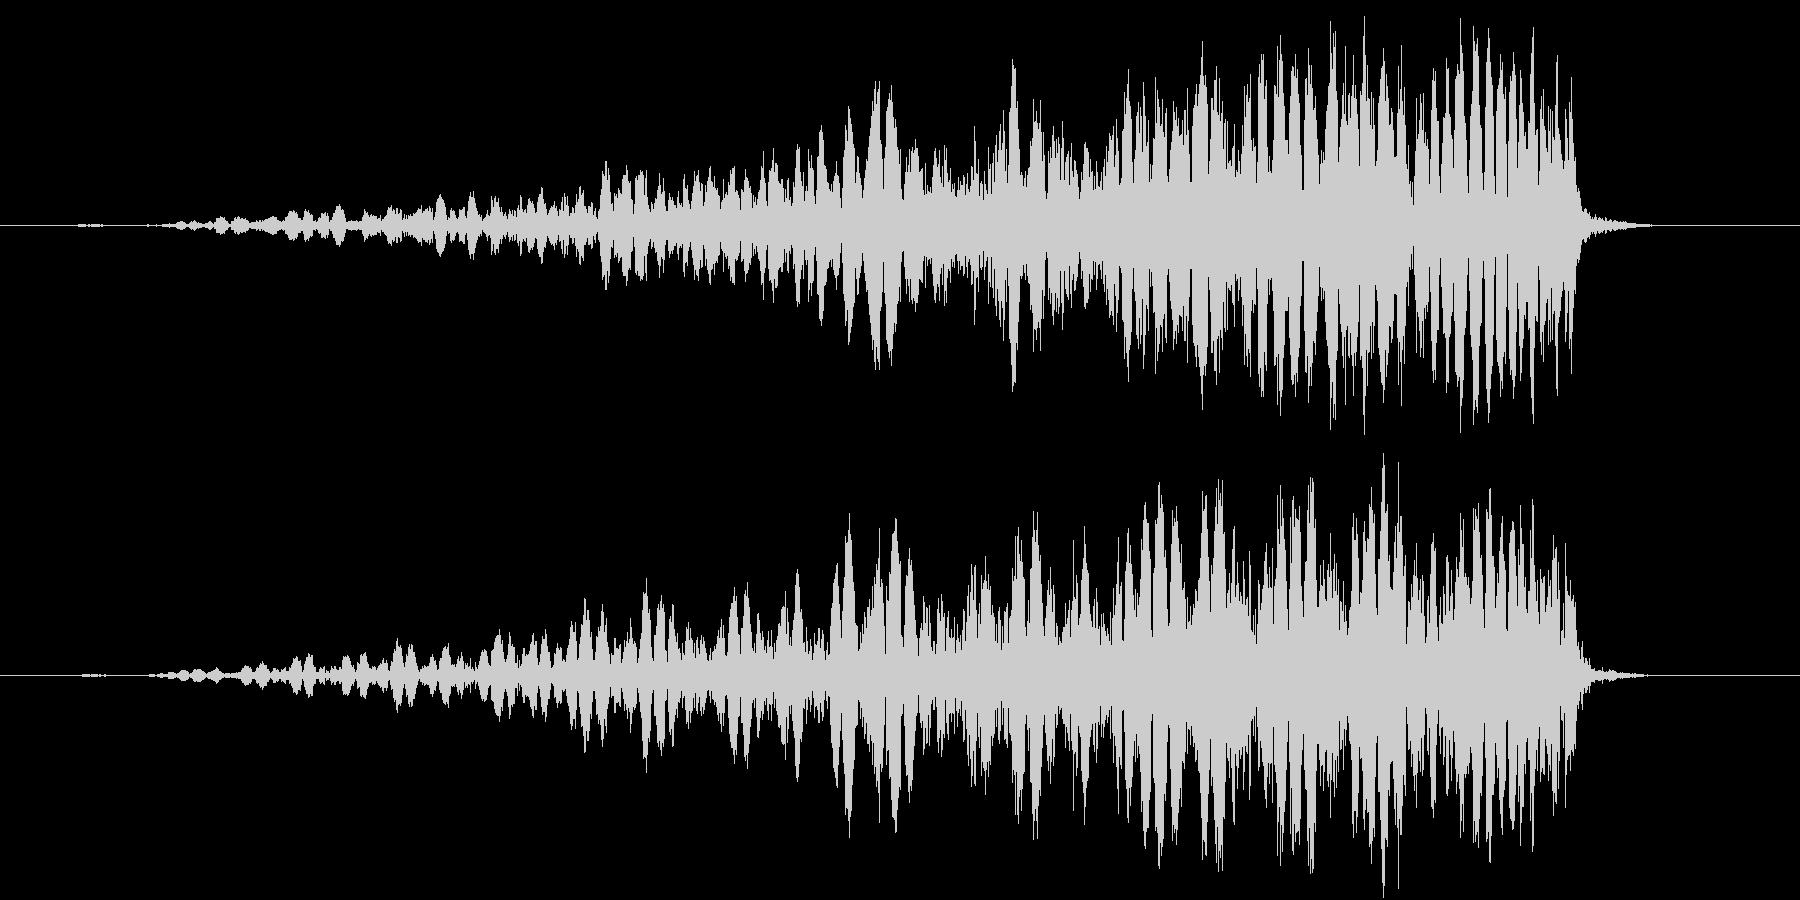 スワイプ、キャンセル、場面転換に最適01の未再生の波形